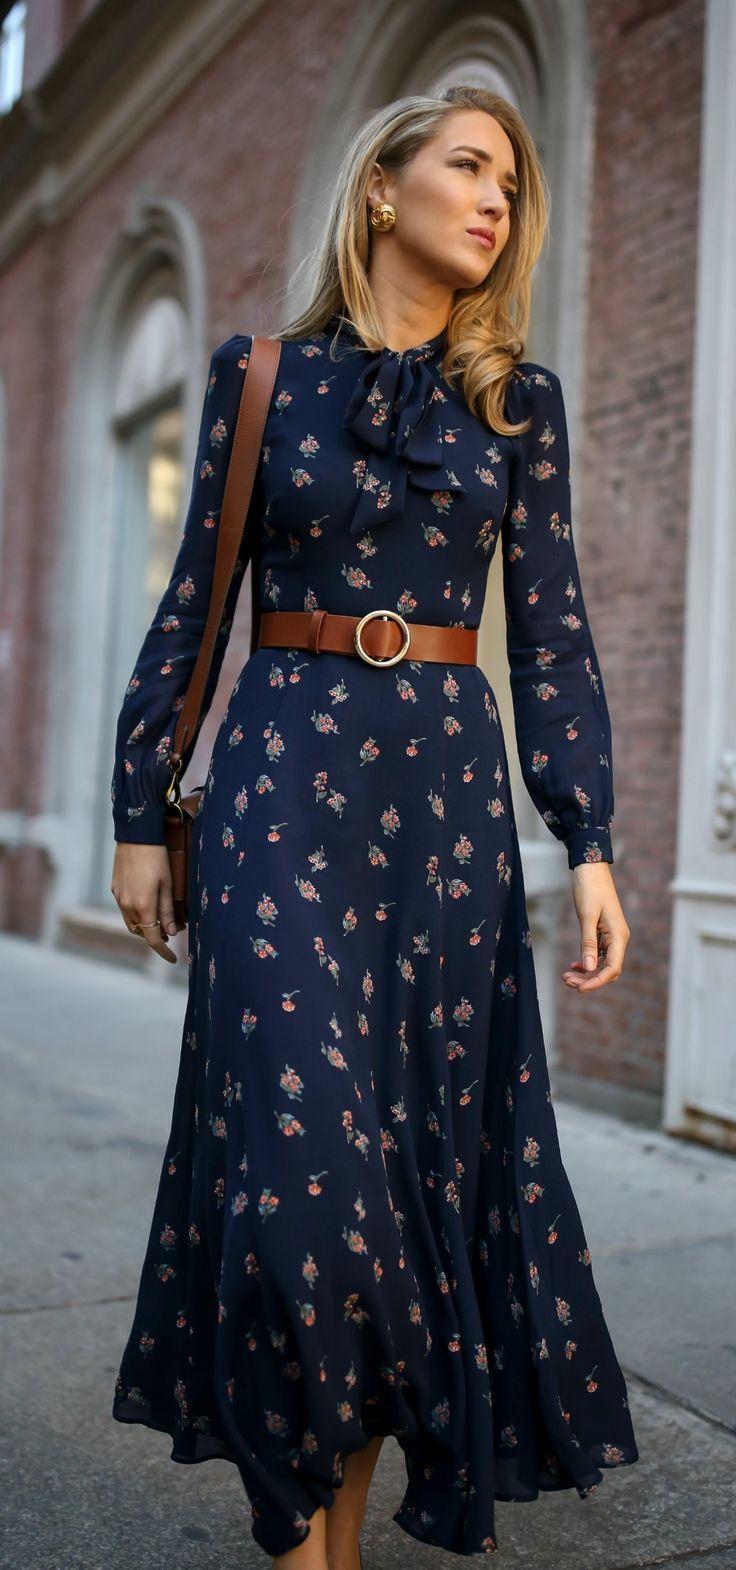 Klicke für Outfit-Details! Dunkelblaues Maxikleid mit tiefem Ausschnitt und Wildleder-Stiletto-Pumps aus Wildleder, ein Braun – FrauenMode